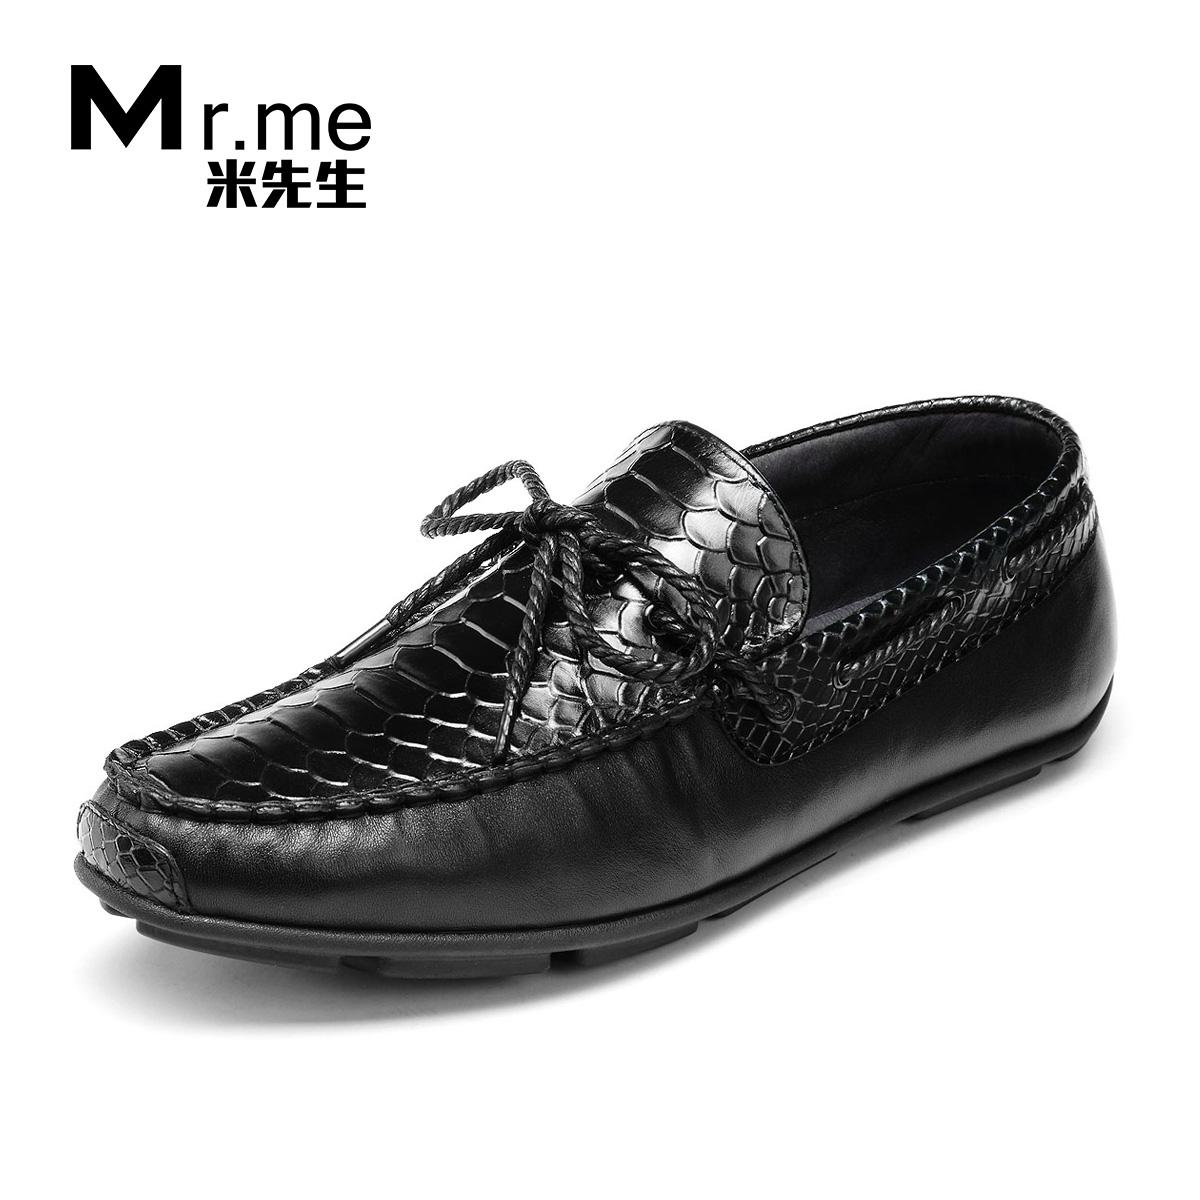 米先生新款男士帆船鞋英伦真皮鞋时尚蛇纹套脚休闲鞋男鞋子驾车鞋 价格:299.00